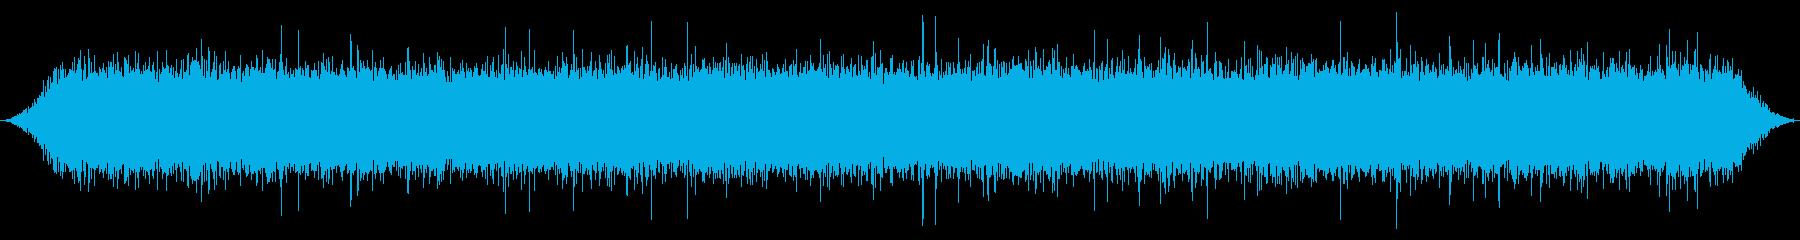 洞窟の中の山の春の滝:中程度の派手...の再生済みの波形